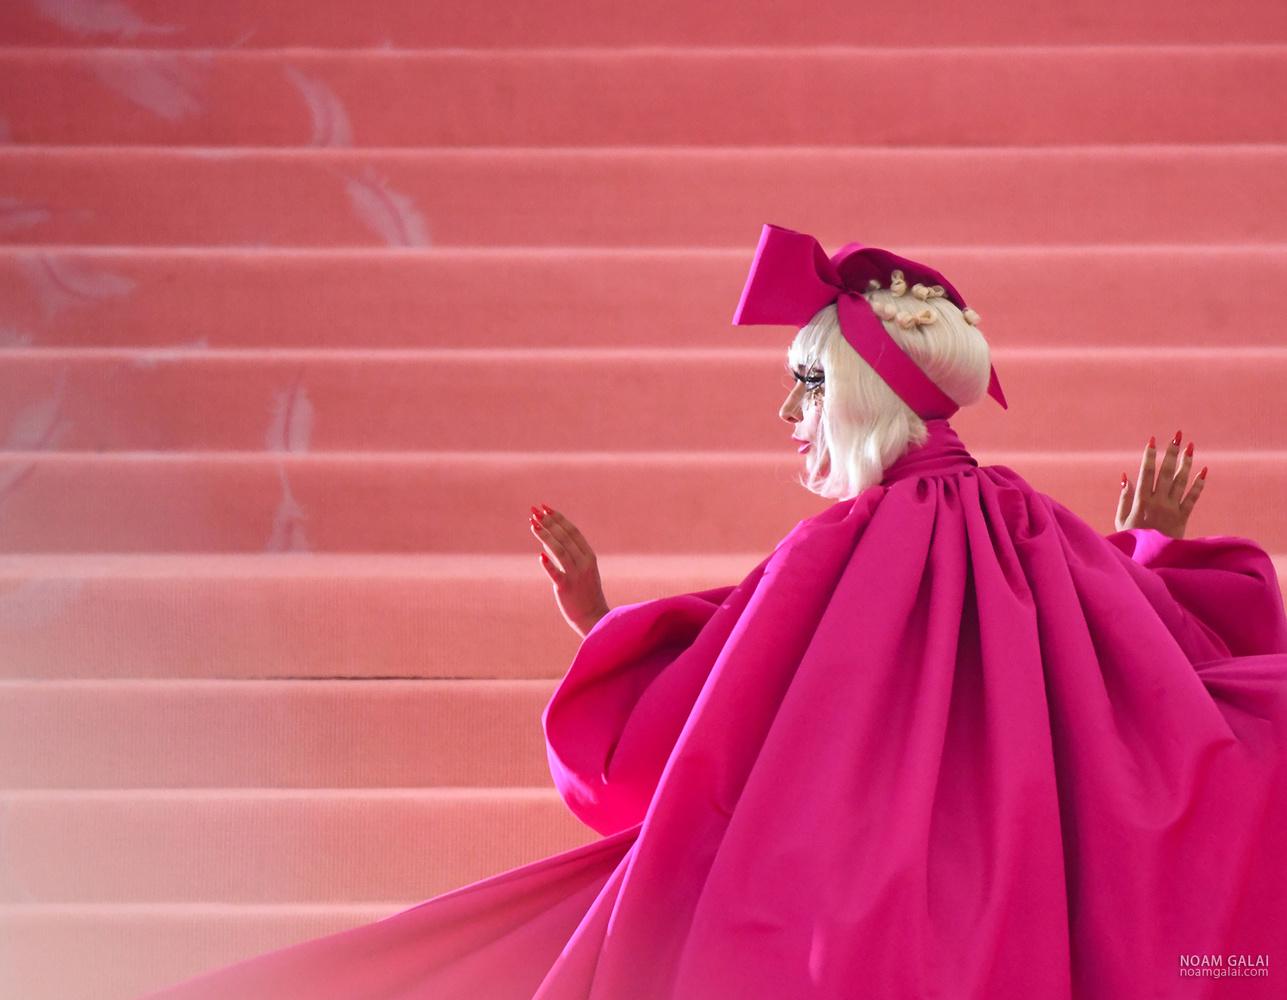 Lady Gaga by Noam Galai